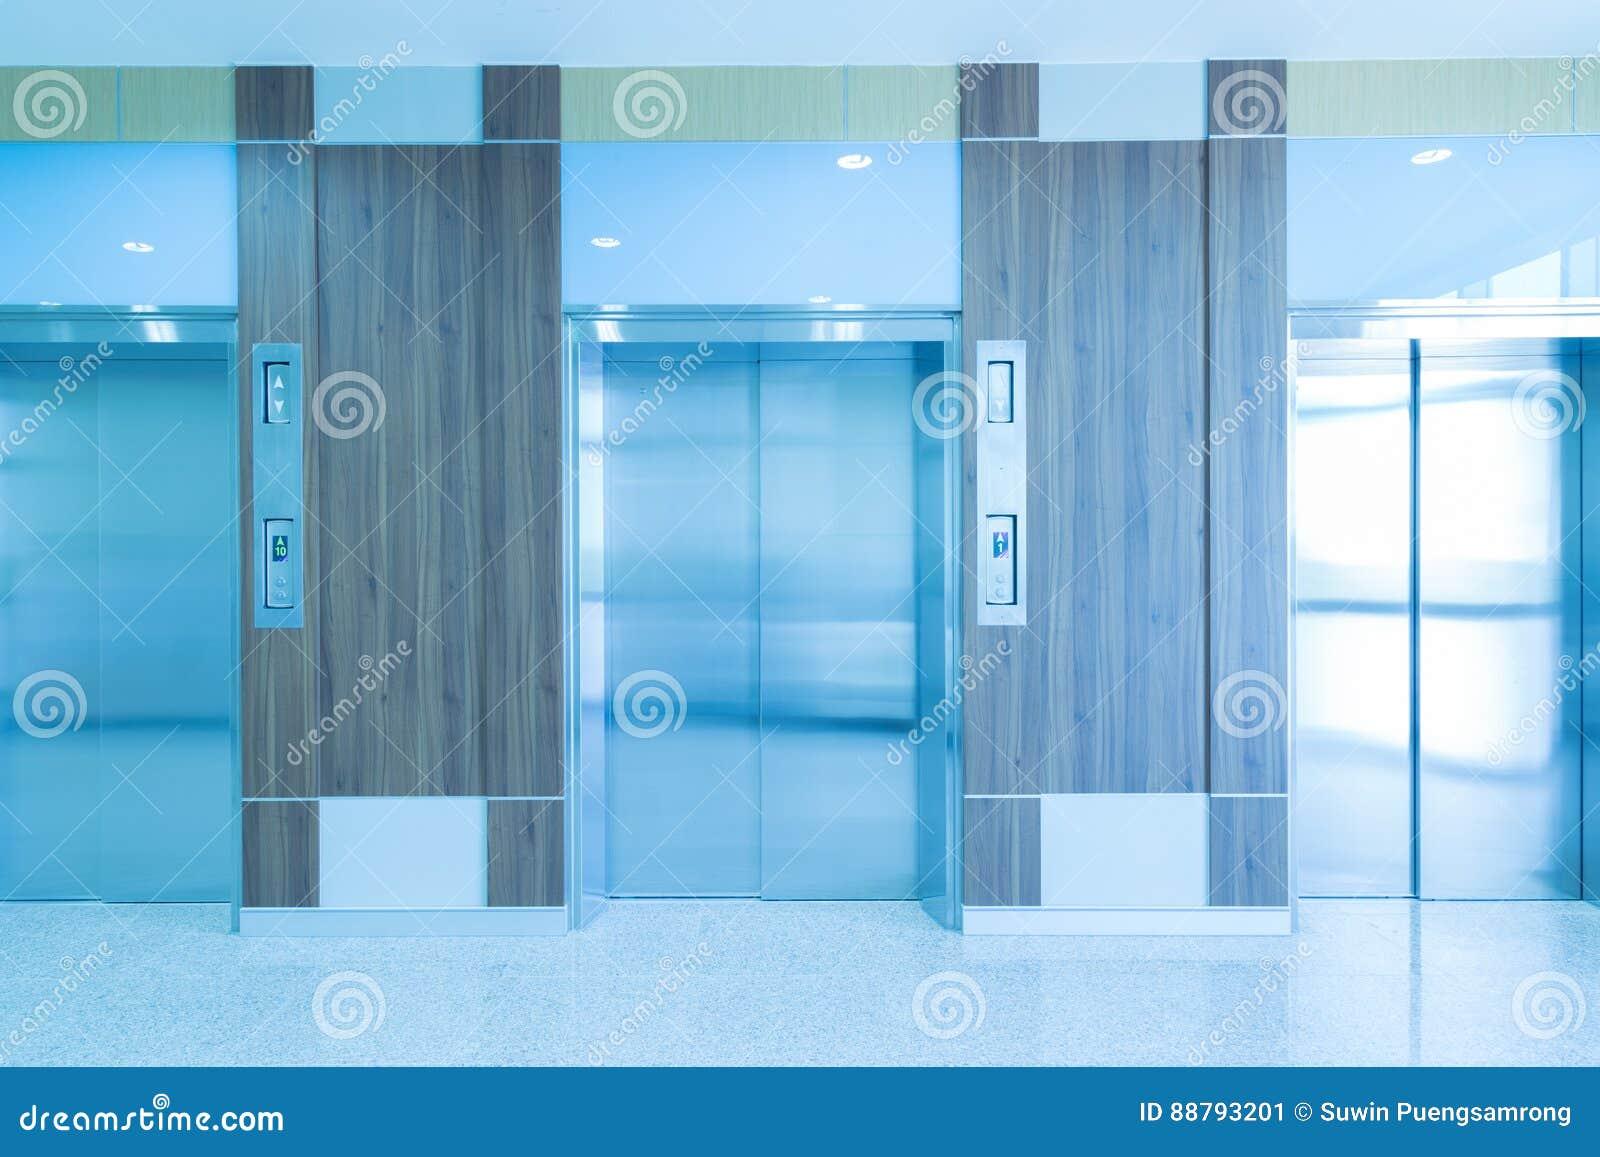 Modern elevator in hospital hallway